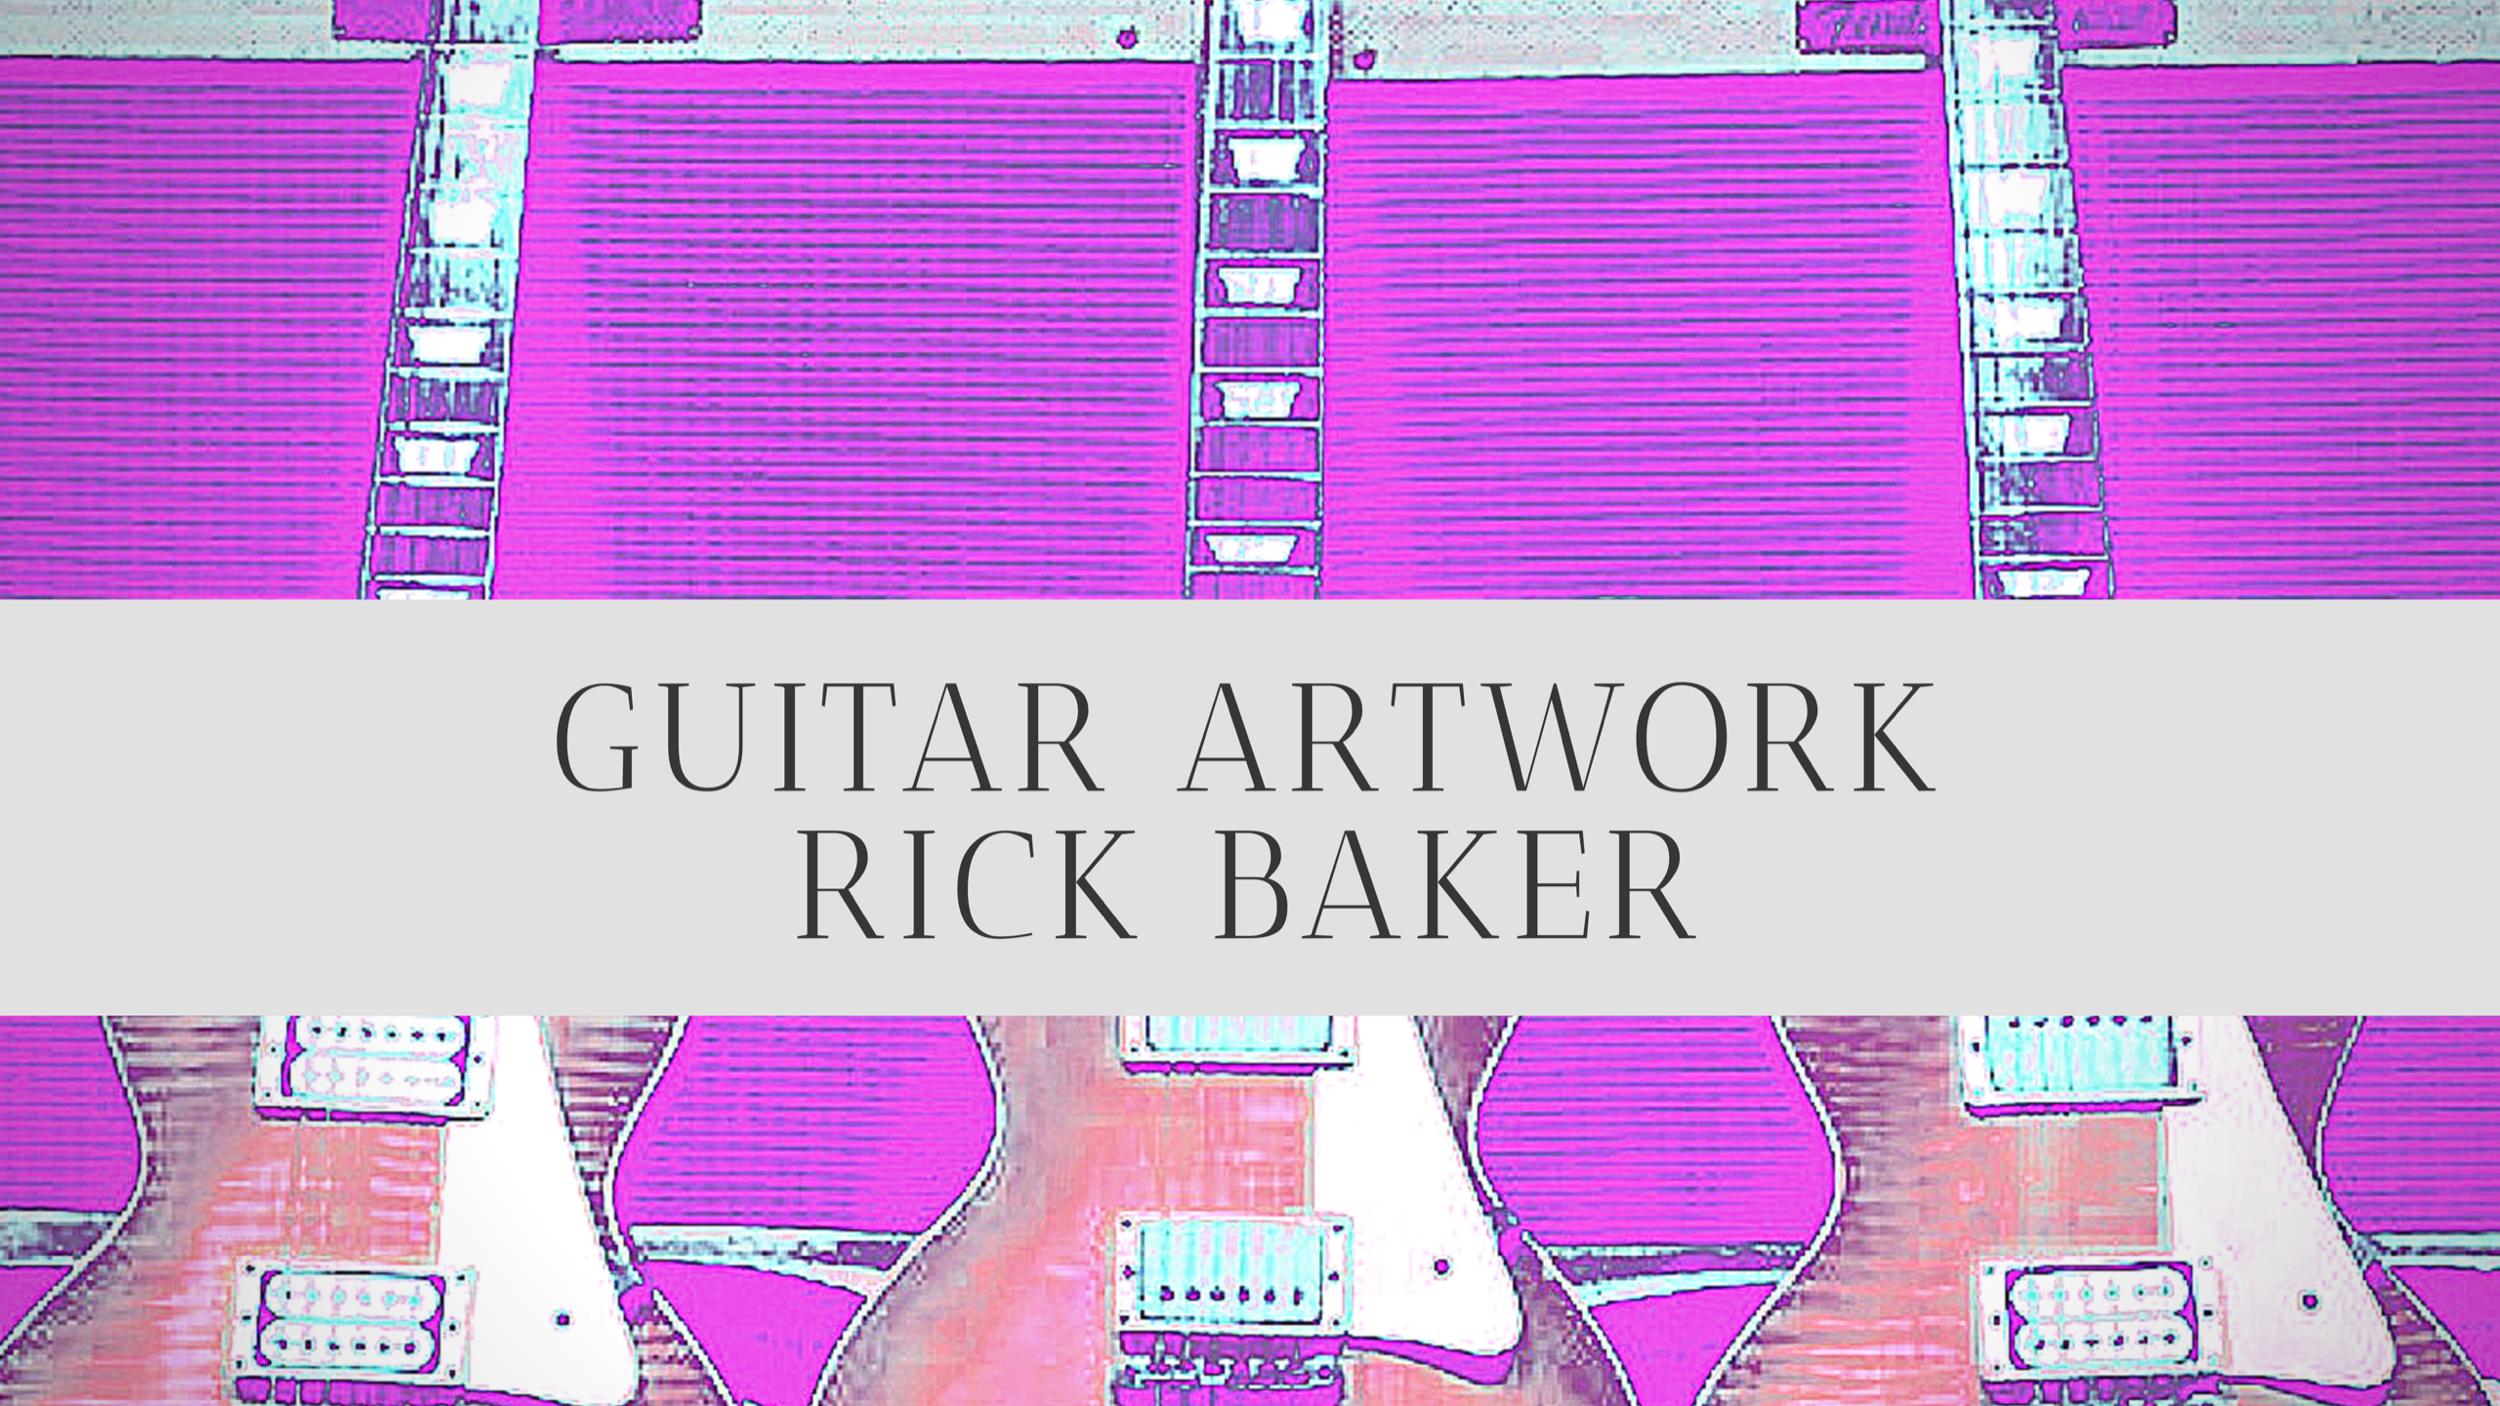 Guitar Artwork  Rick Baker.png